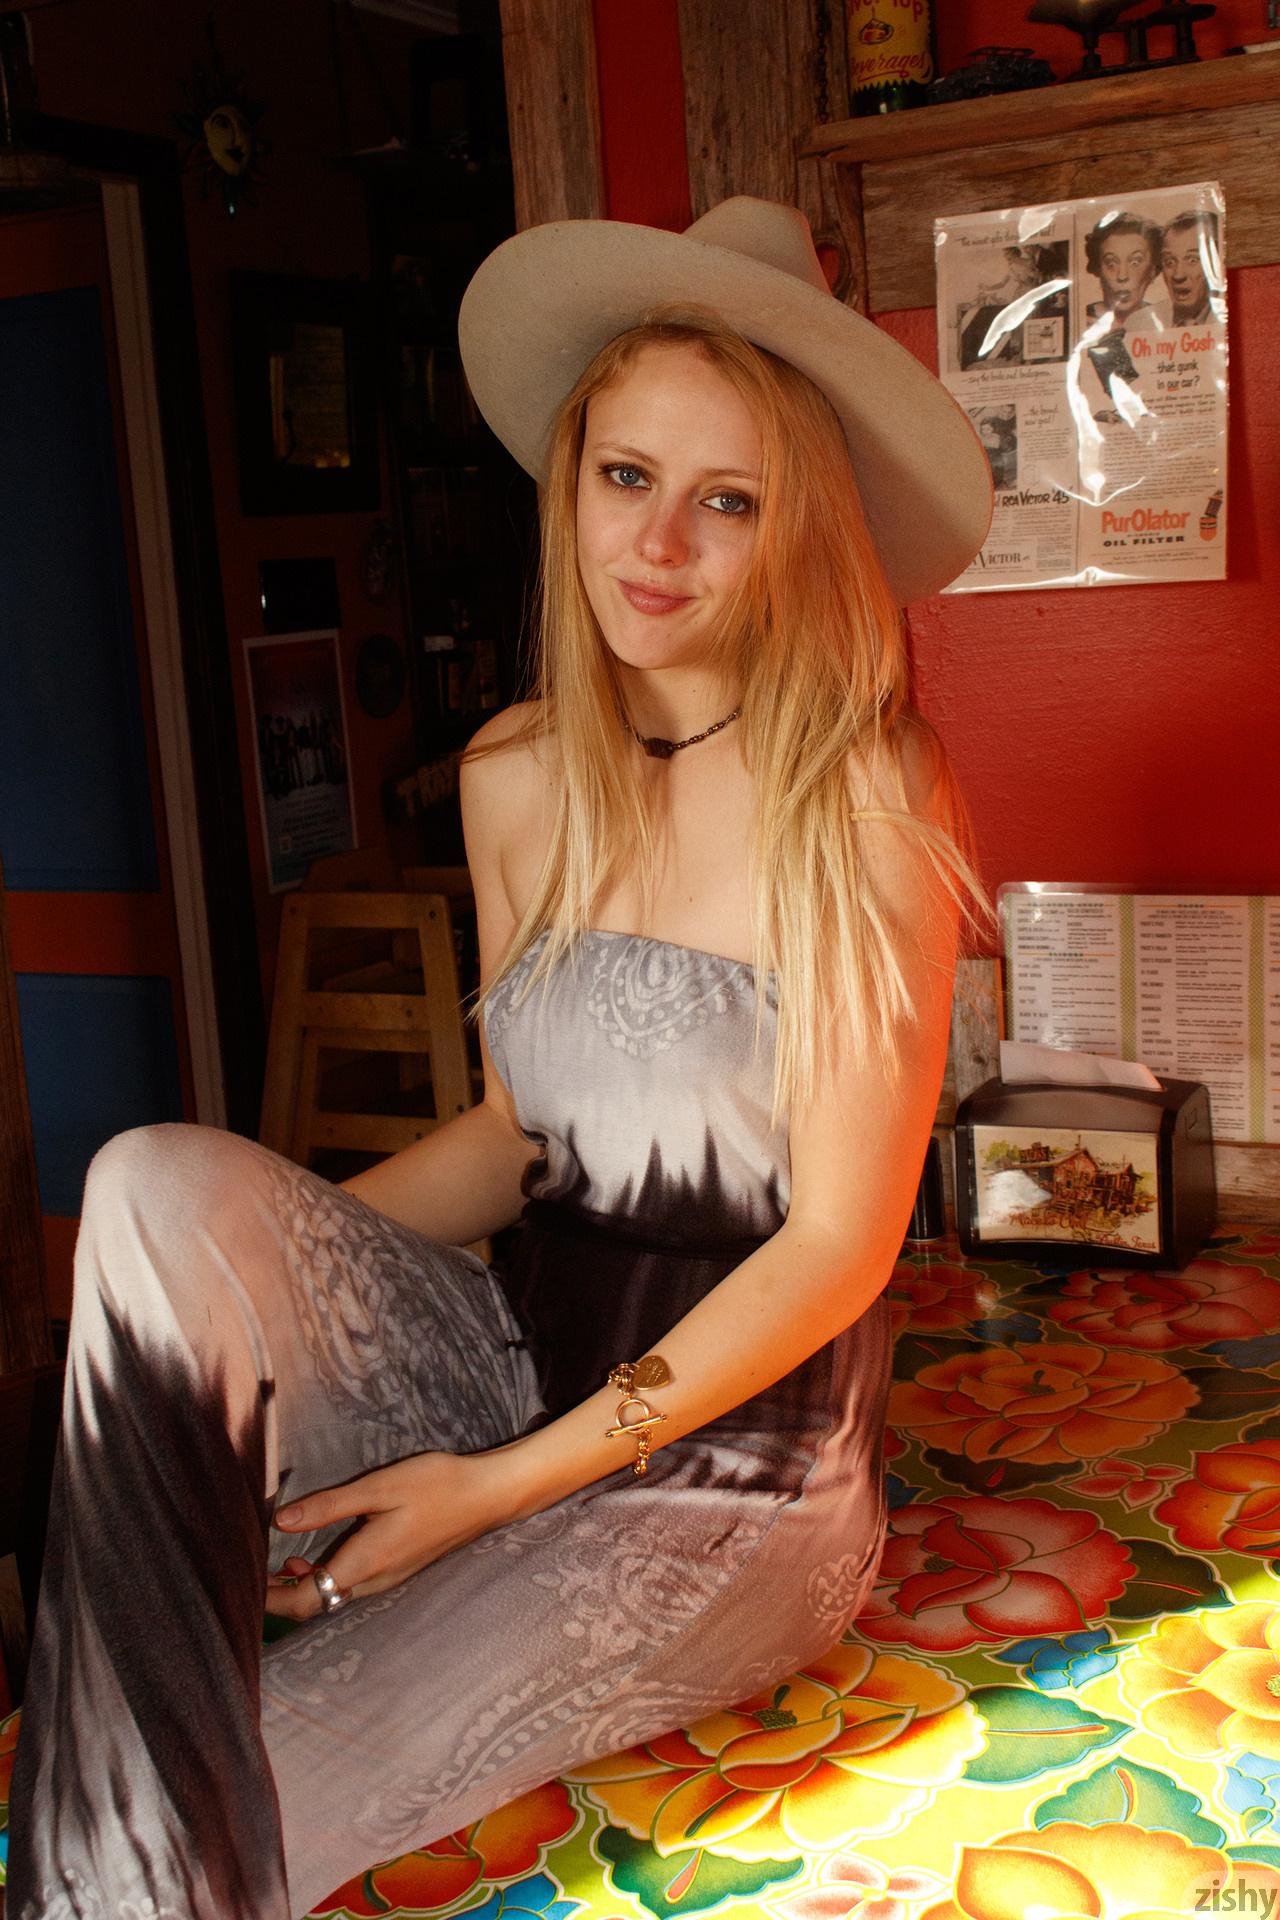 Helen Bergstrom Holy Guacamole Zishy (15)